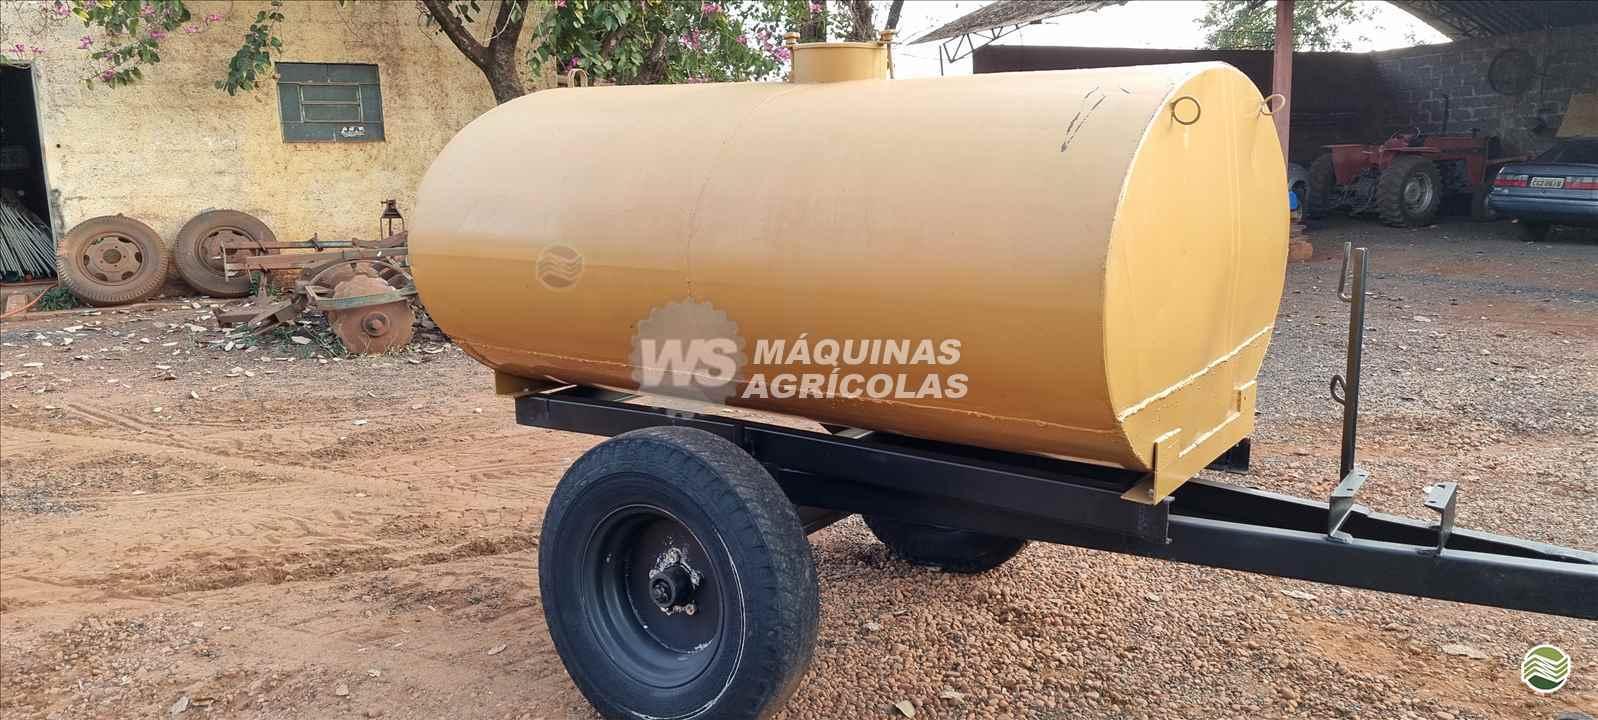 IMPLEMENTOS AGRICOLAS CARRETA TANQUE TANQUE 2000 LITROS WS Máquinas Agrícolas SERTAOZINHO SÃO PAULO SP